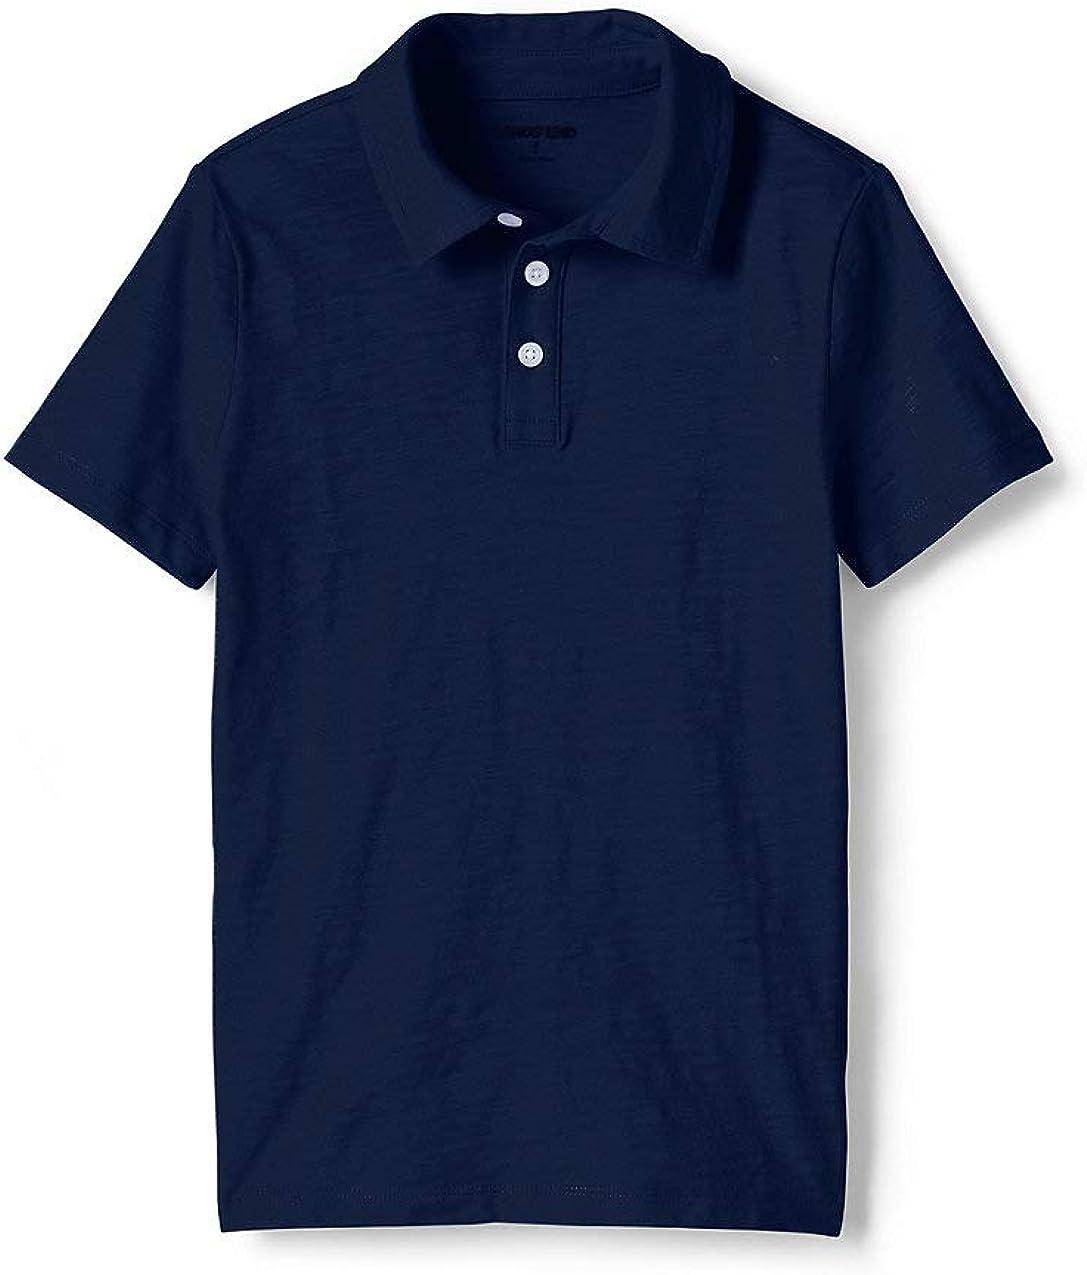 Lands' End Boys Solid Slub Polo Shirt